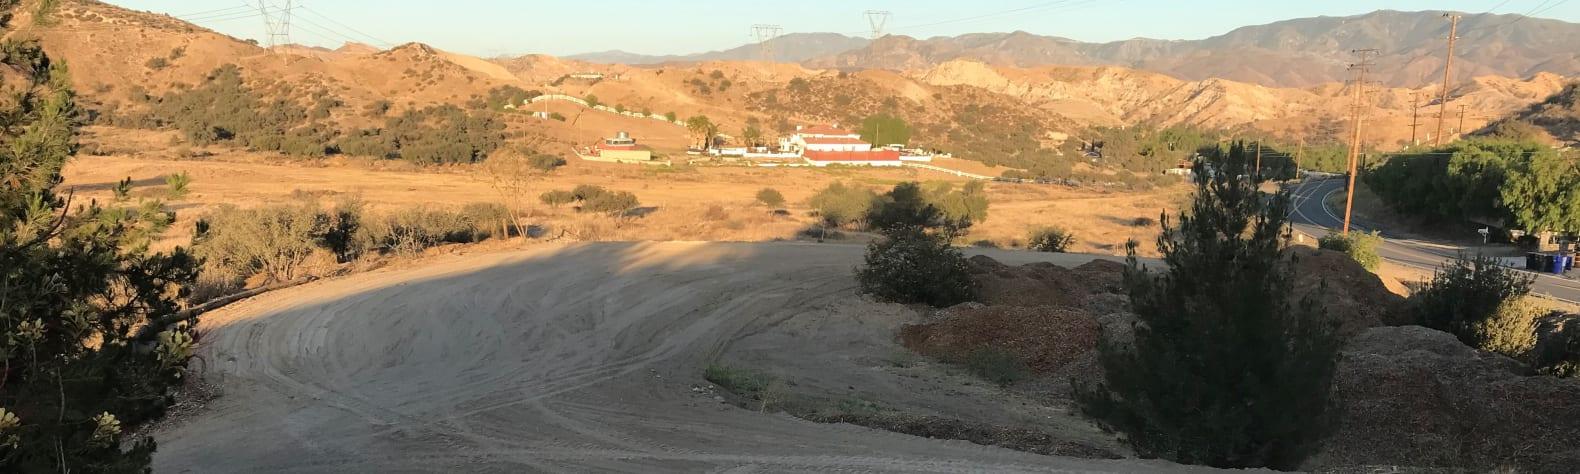 Eric A.'s Land